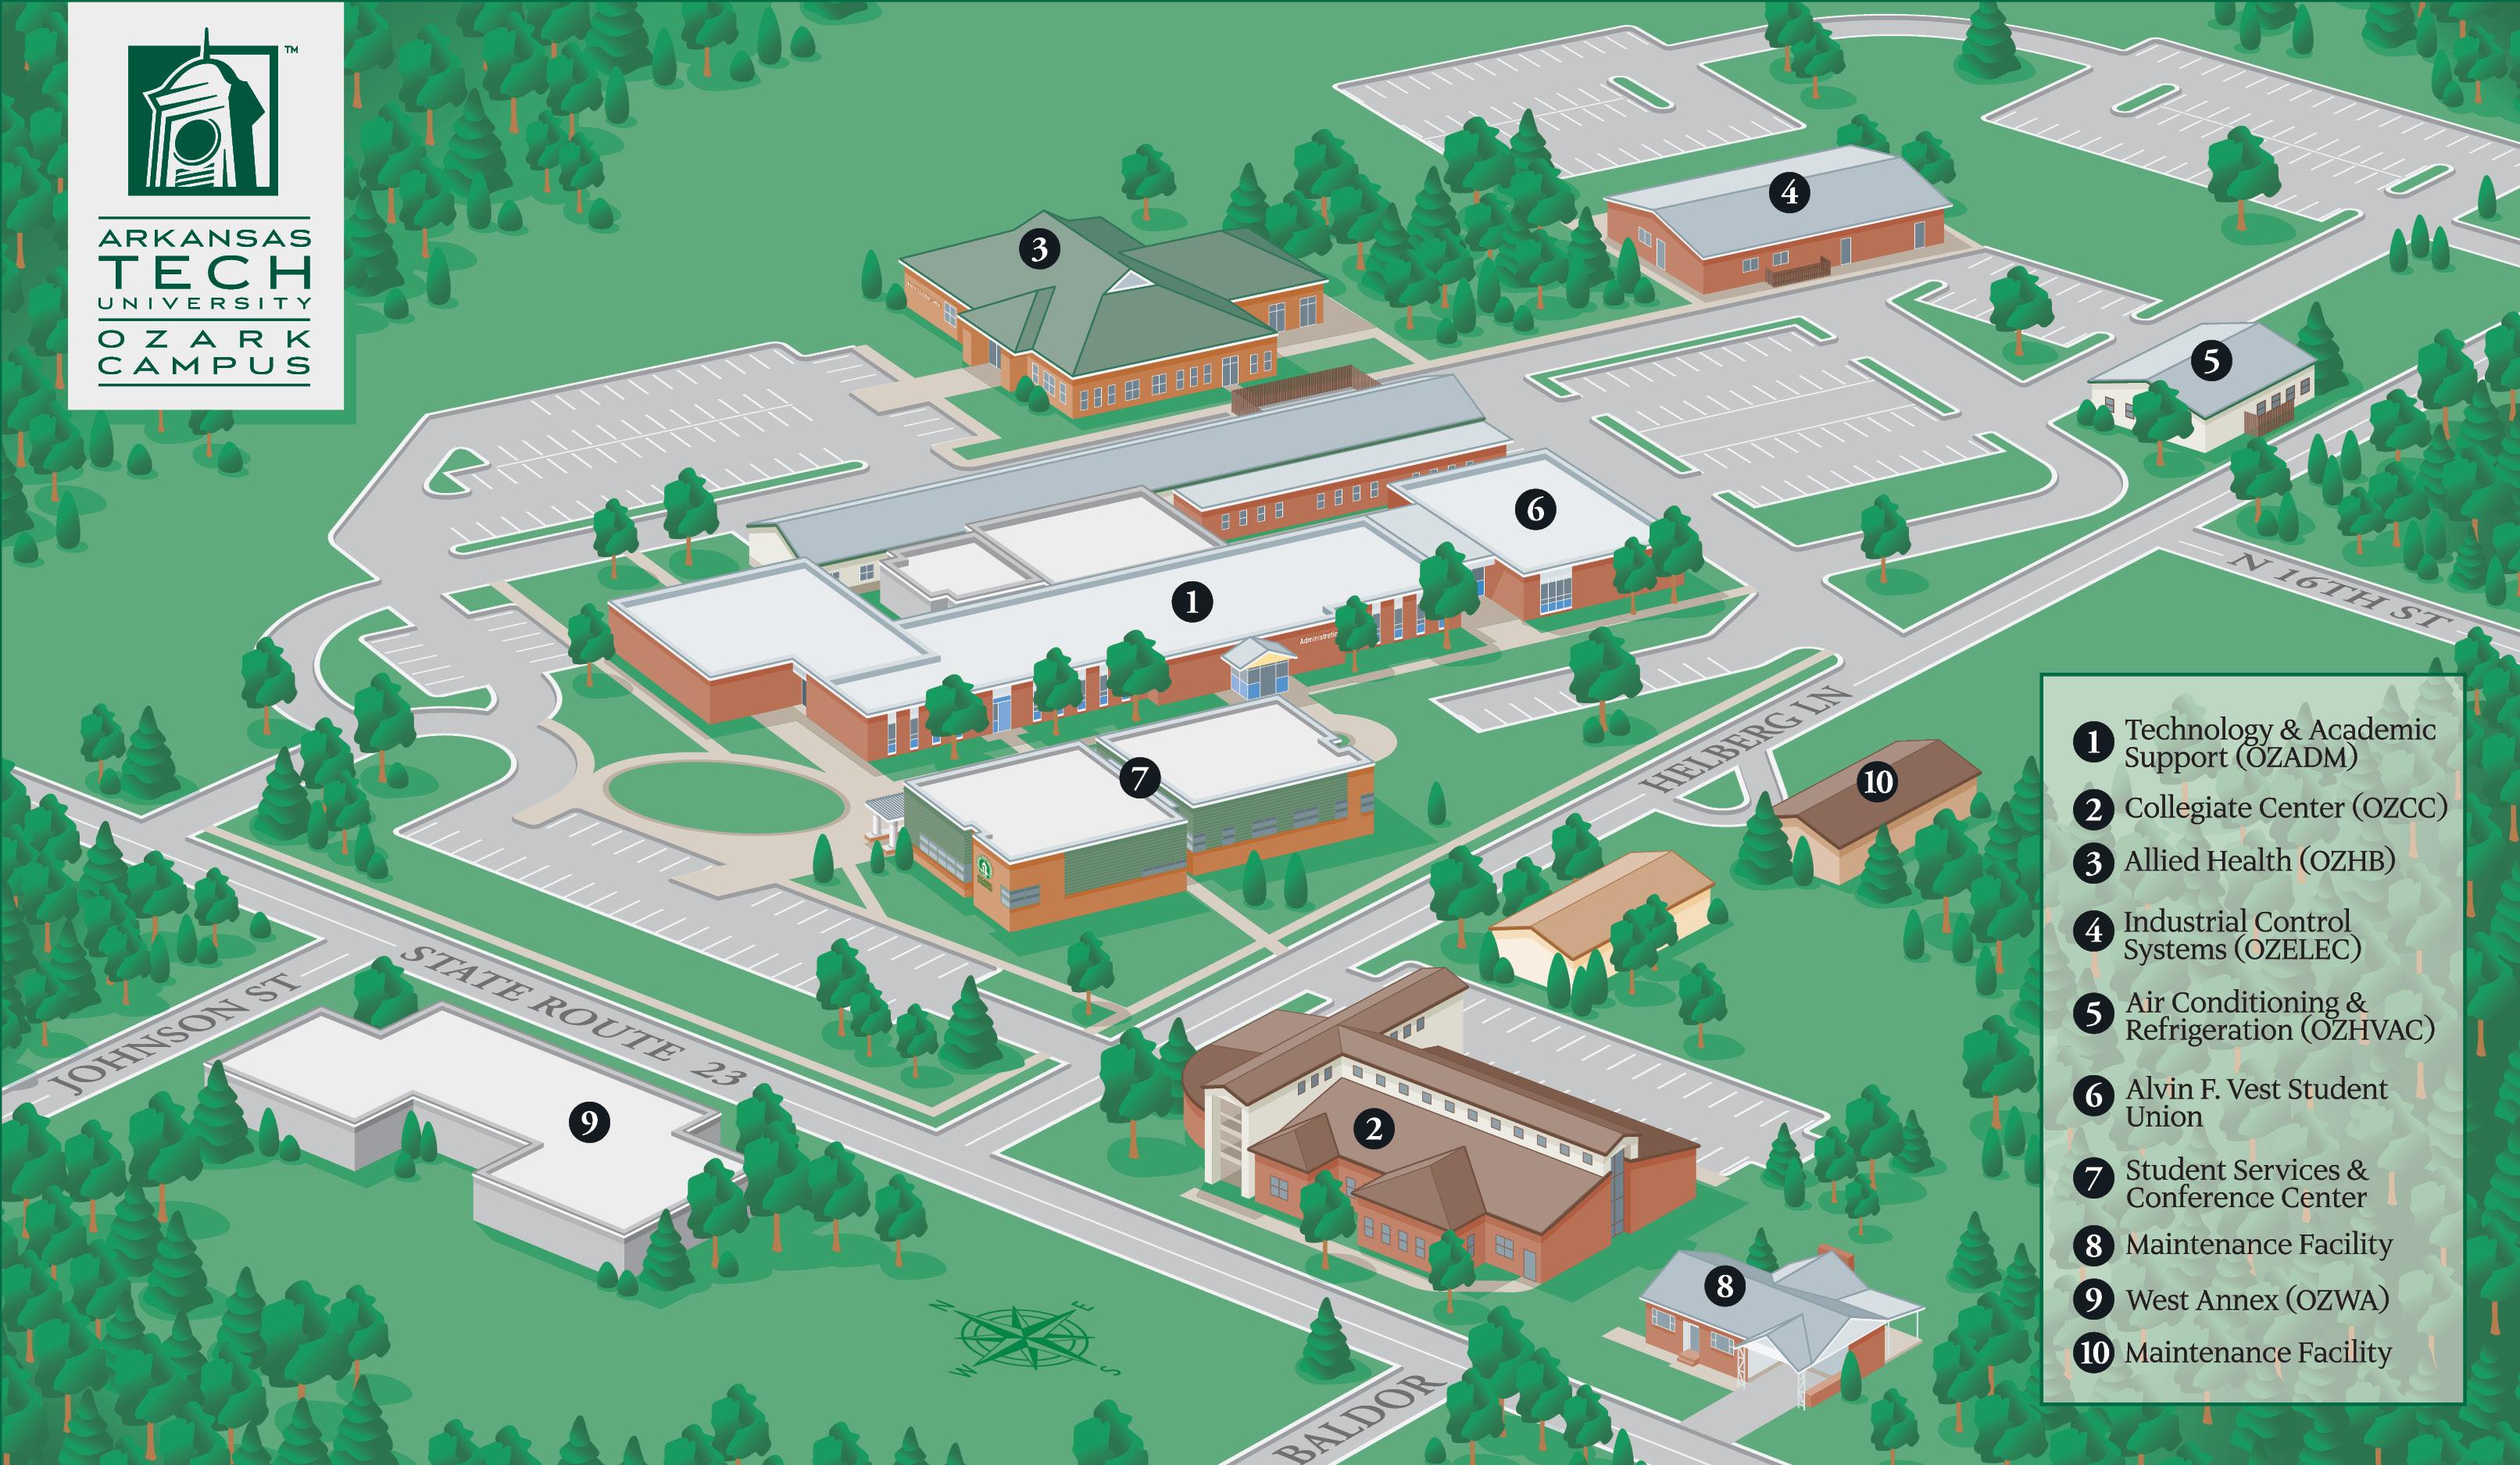 arkansas tech map – bnhspine